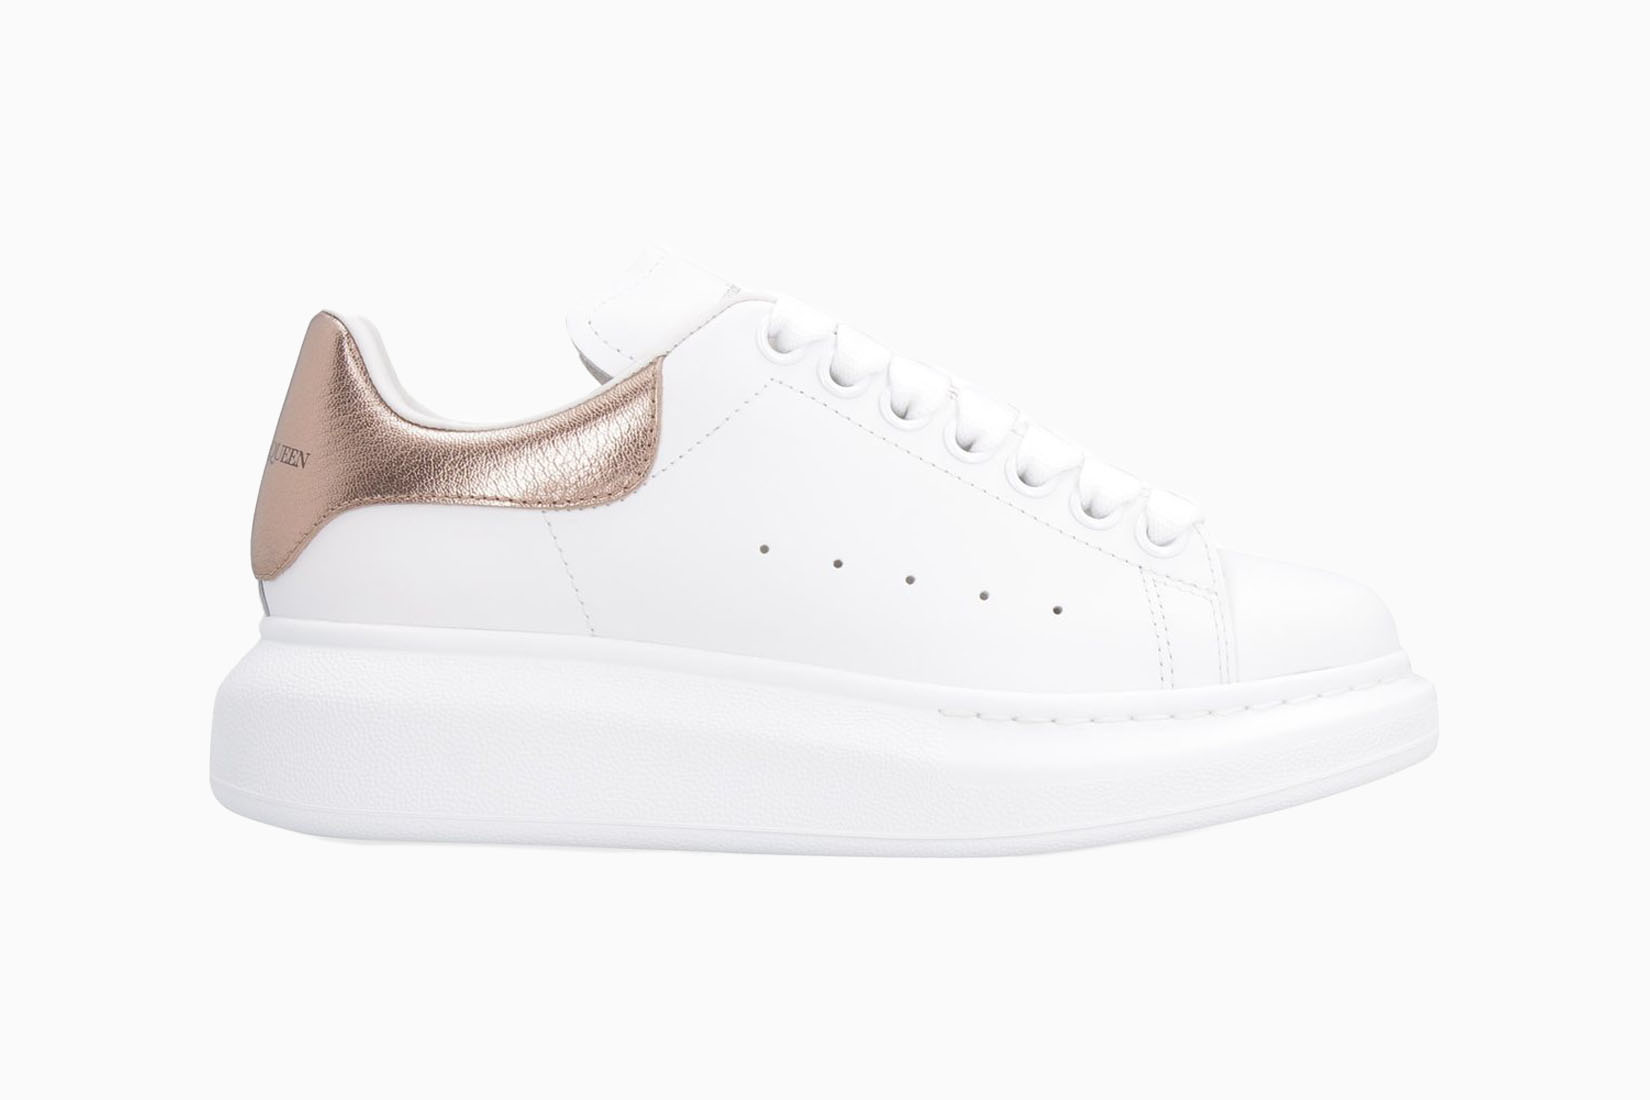 best sneakers women alexander mcqueen review Luxe Digital